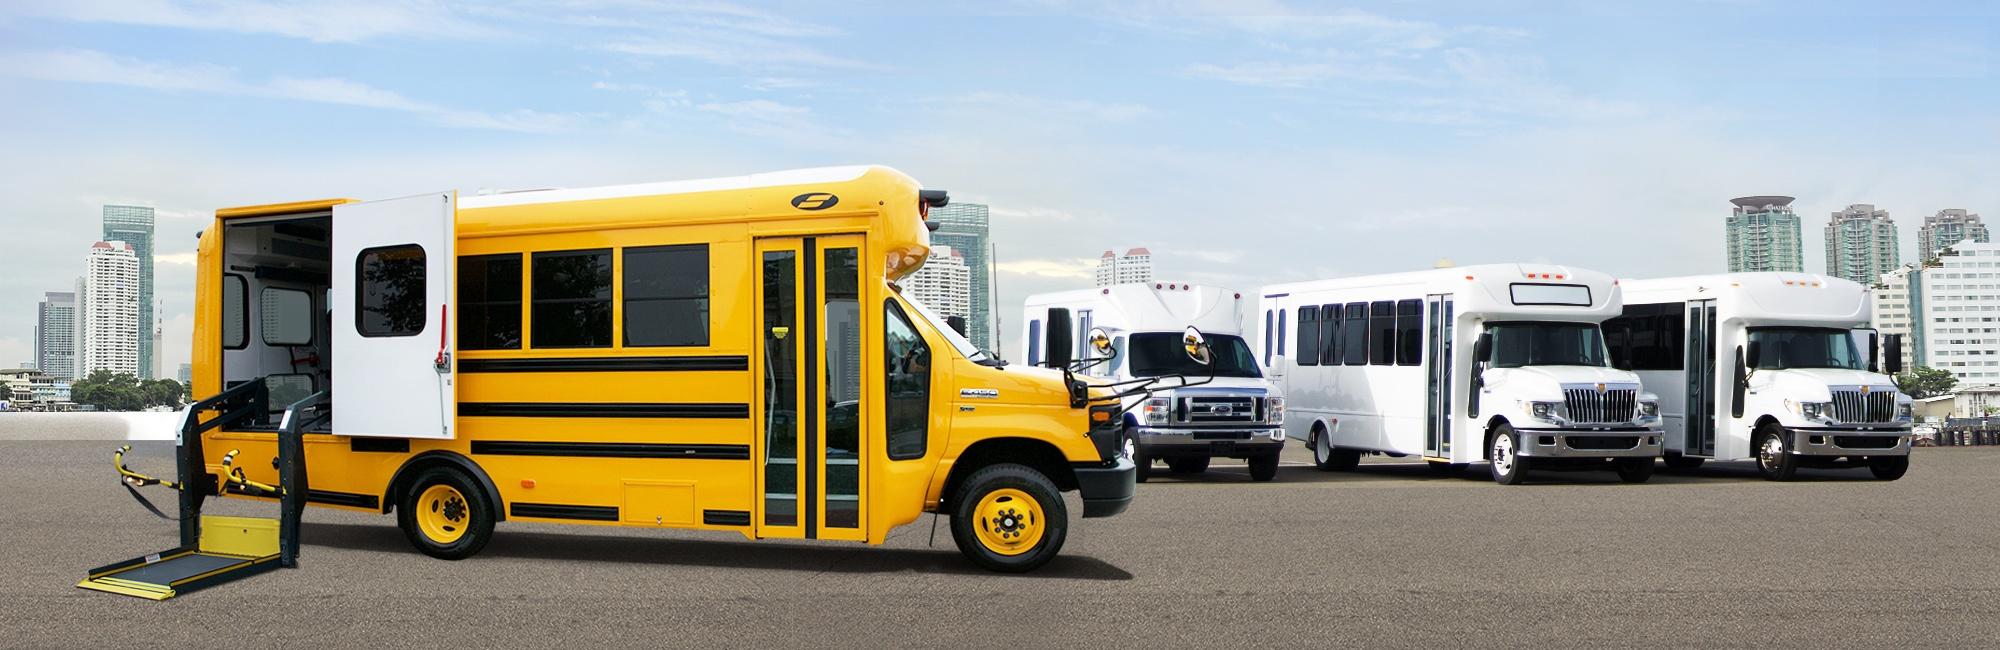 used-buses.jpg